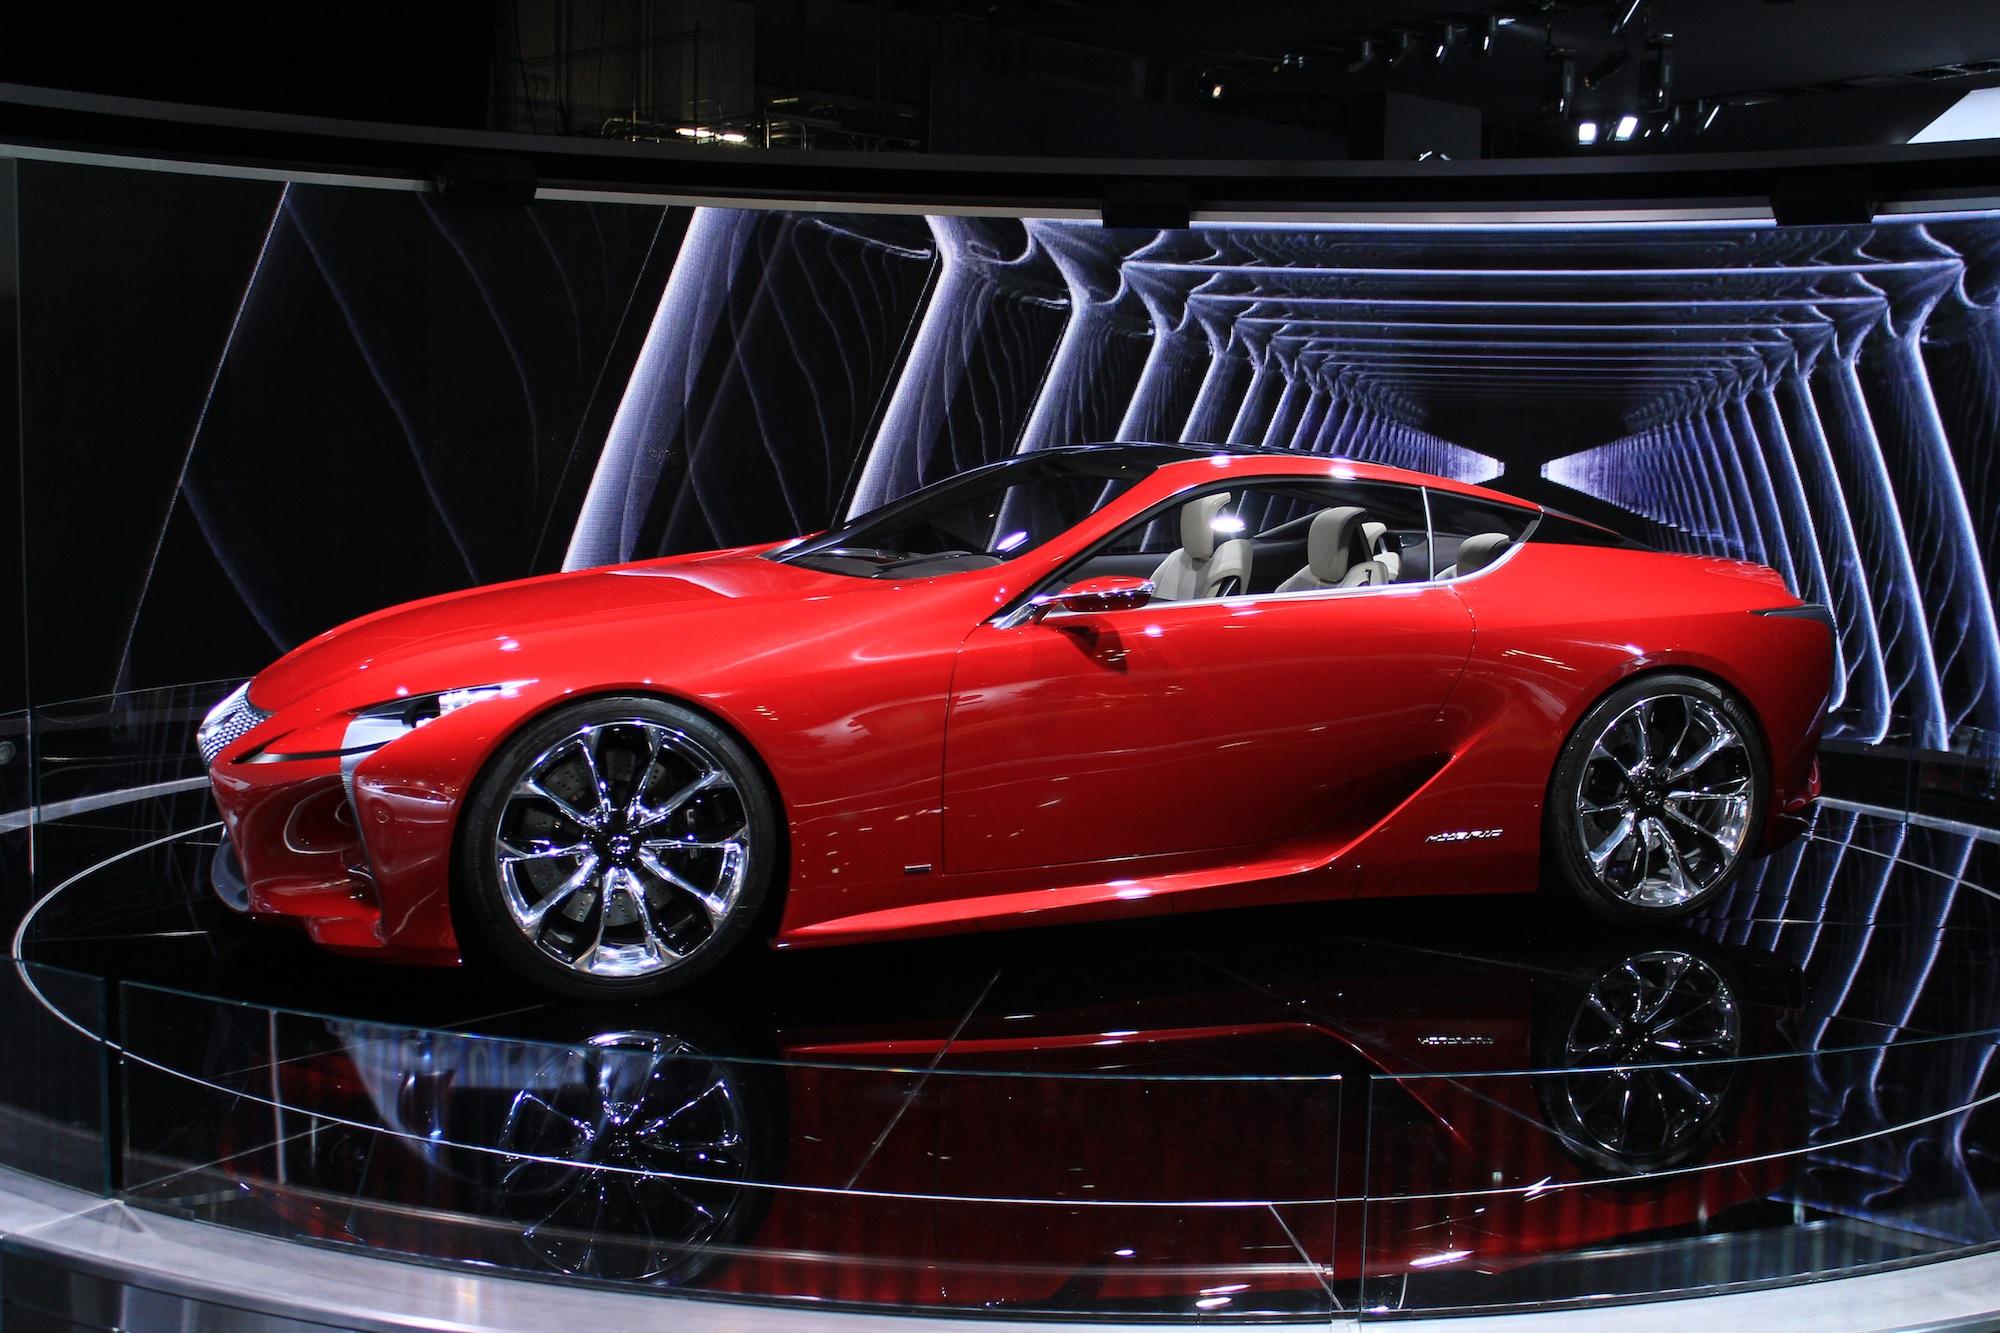 2012 Lexus Lf Lc Concept 2012 Detroit Show Video